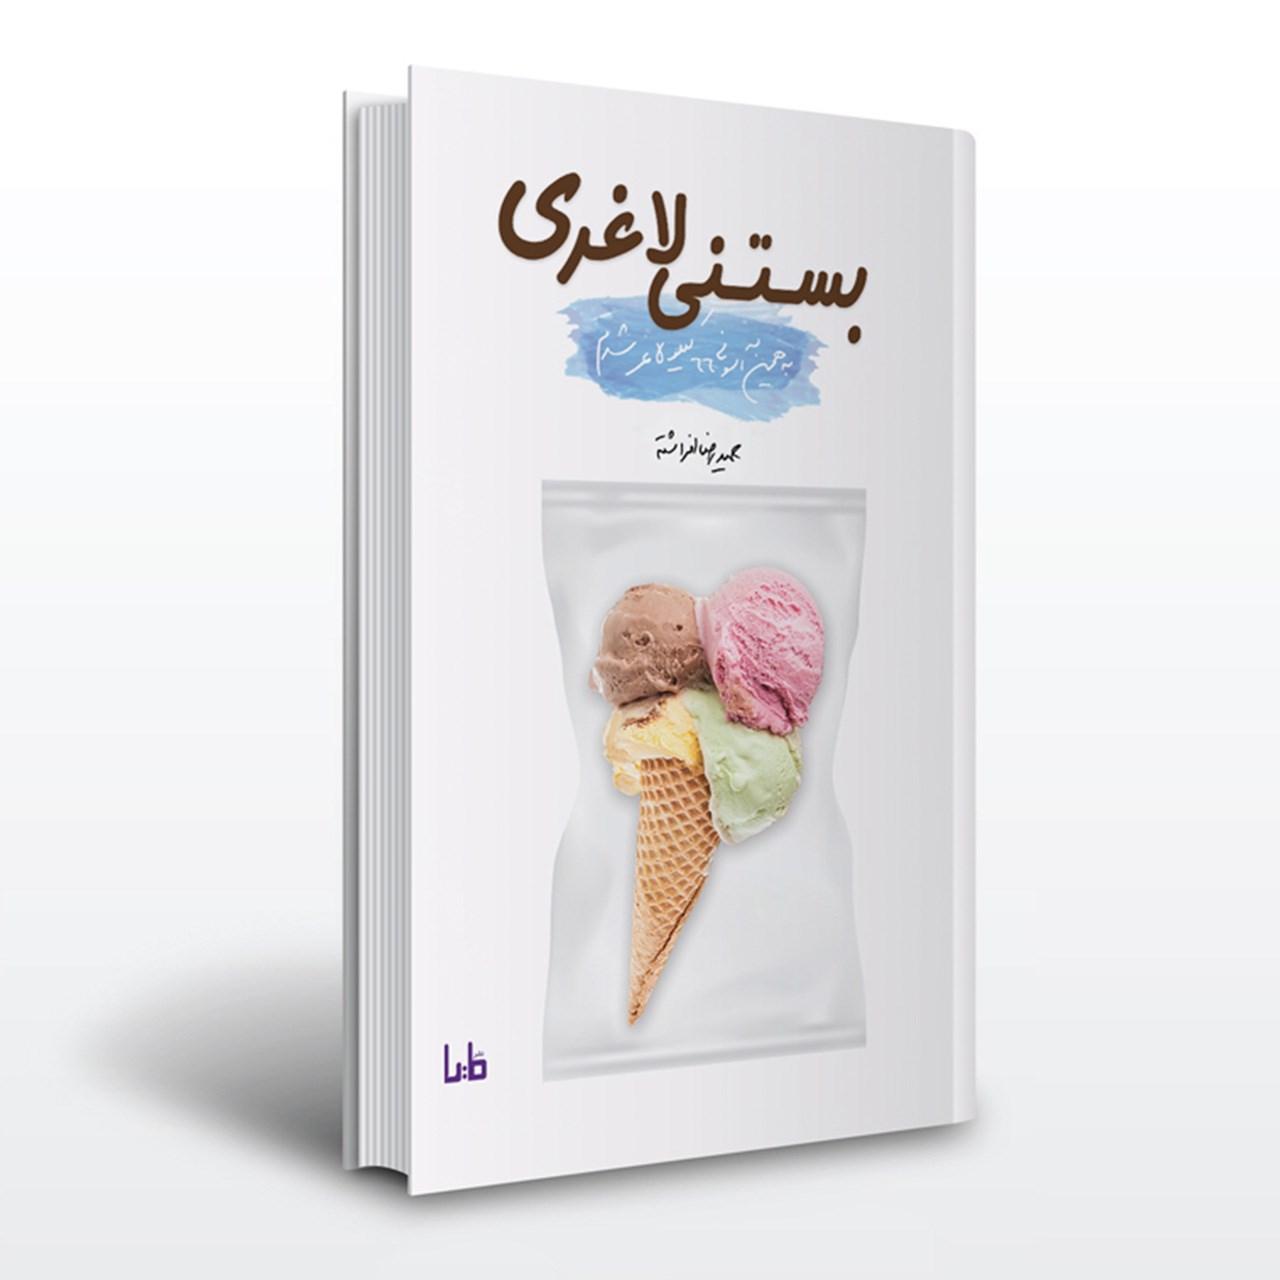 کتاب بستنی لاغری اثر حمید رضا افراشته